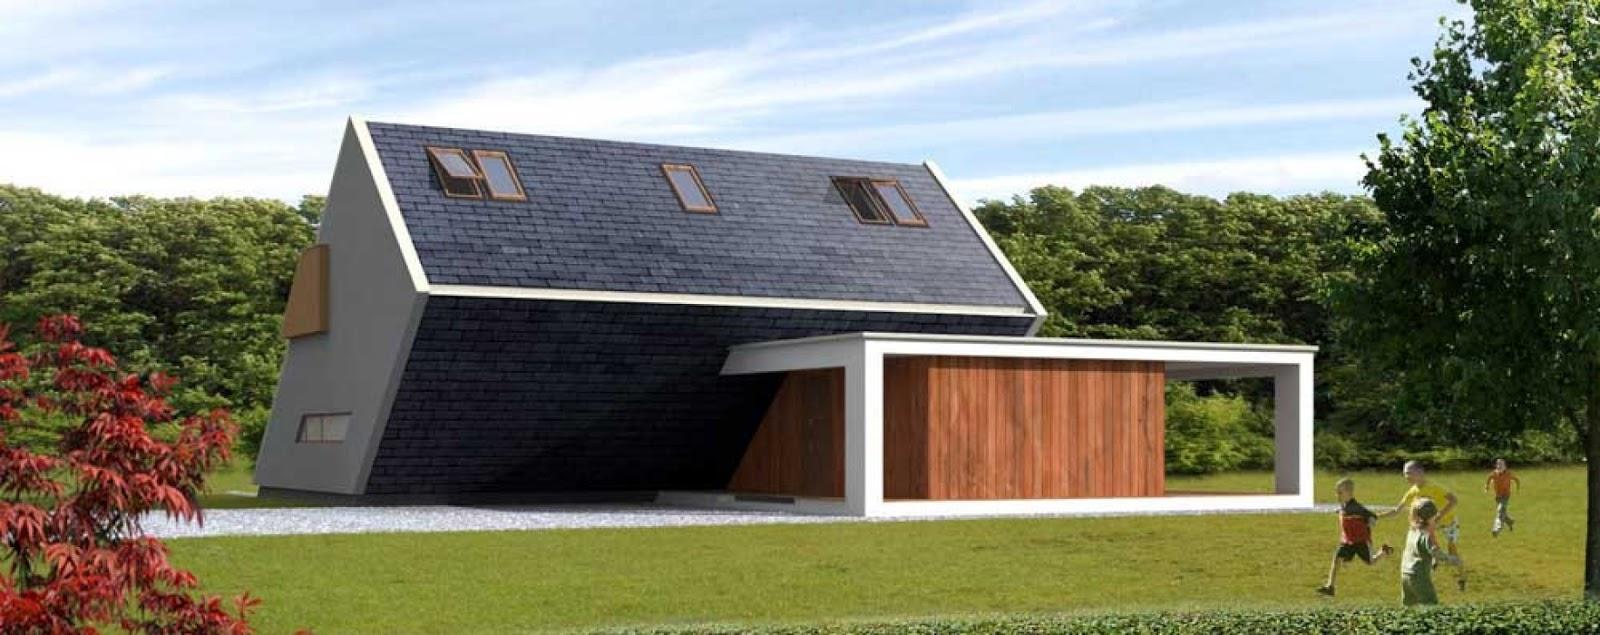 Quanto costa un garage in muratura edilizia in un click - Quanto costa una casa prefabbricata in cemento armato ...